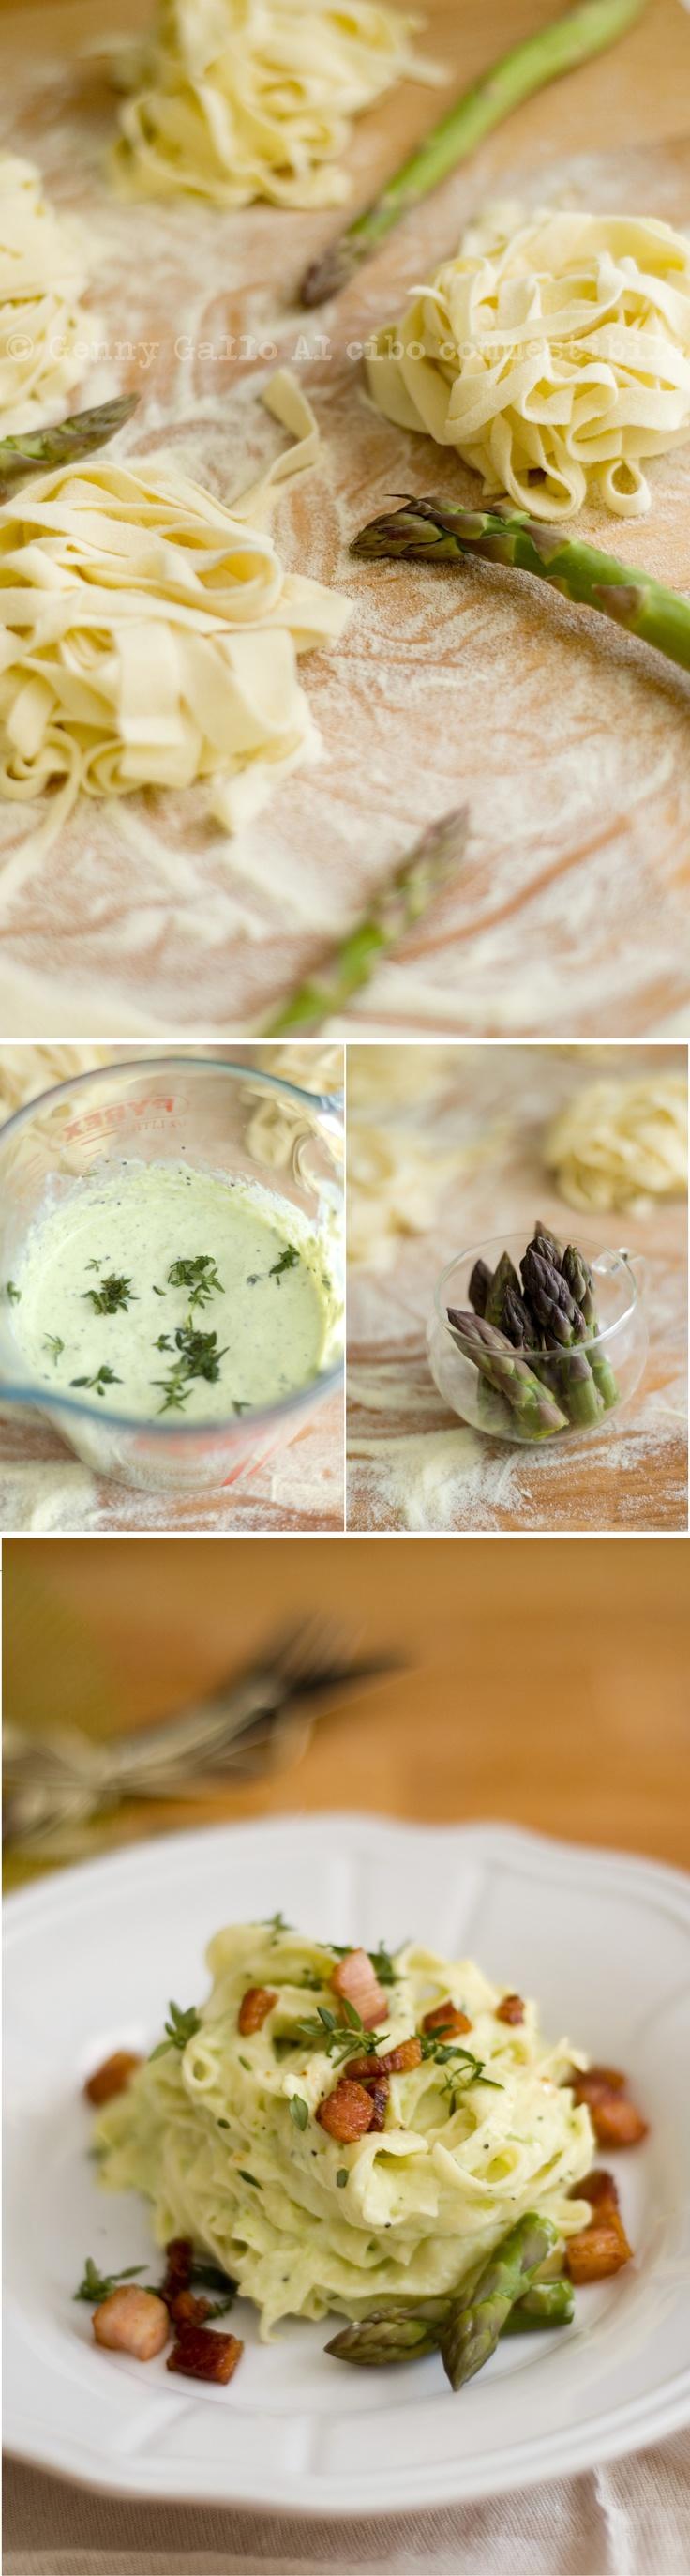 Pasta fresca in crema di asparagi…quello che mi fa stare bene…